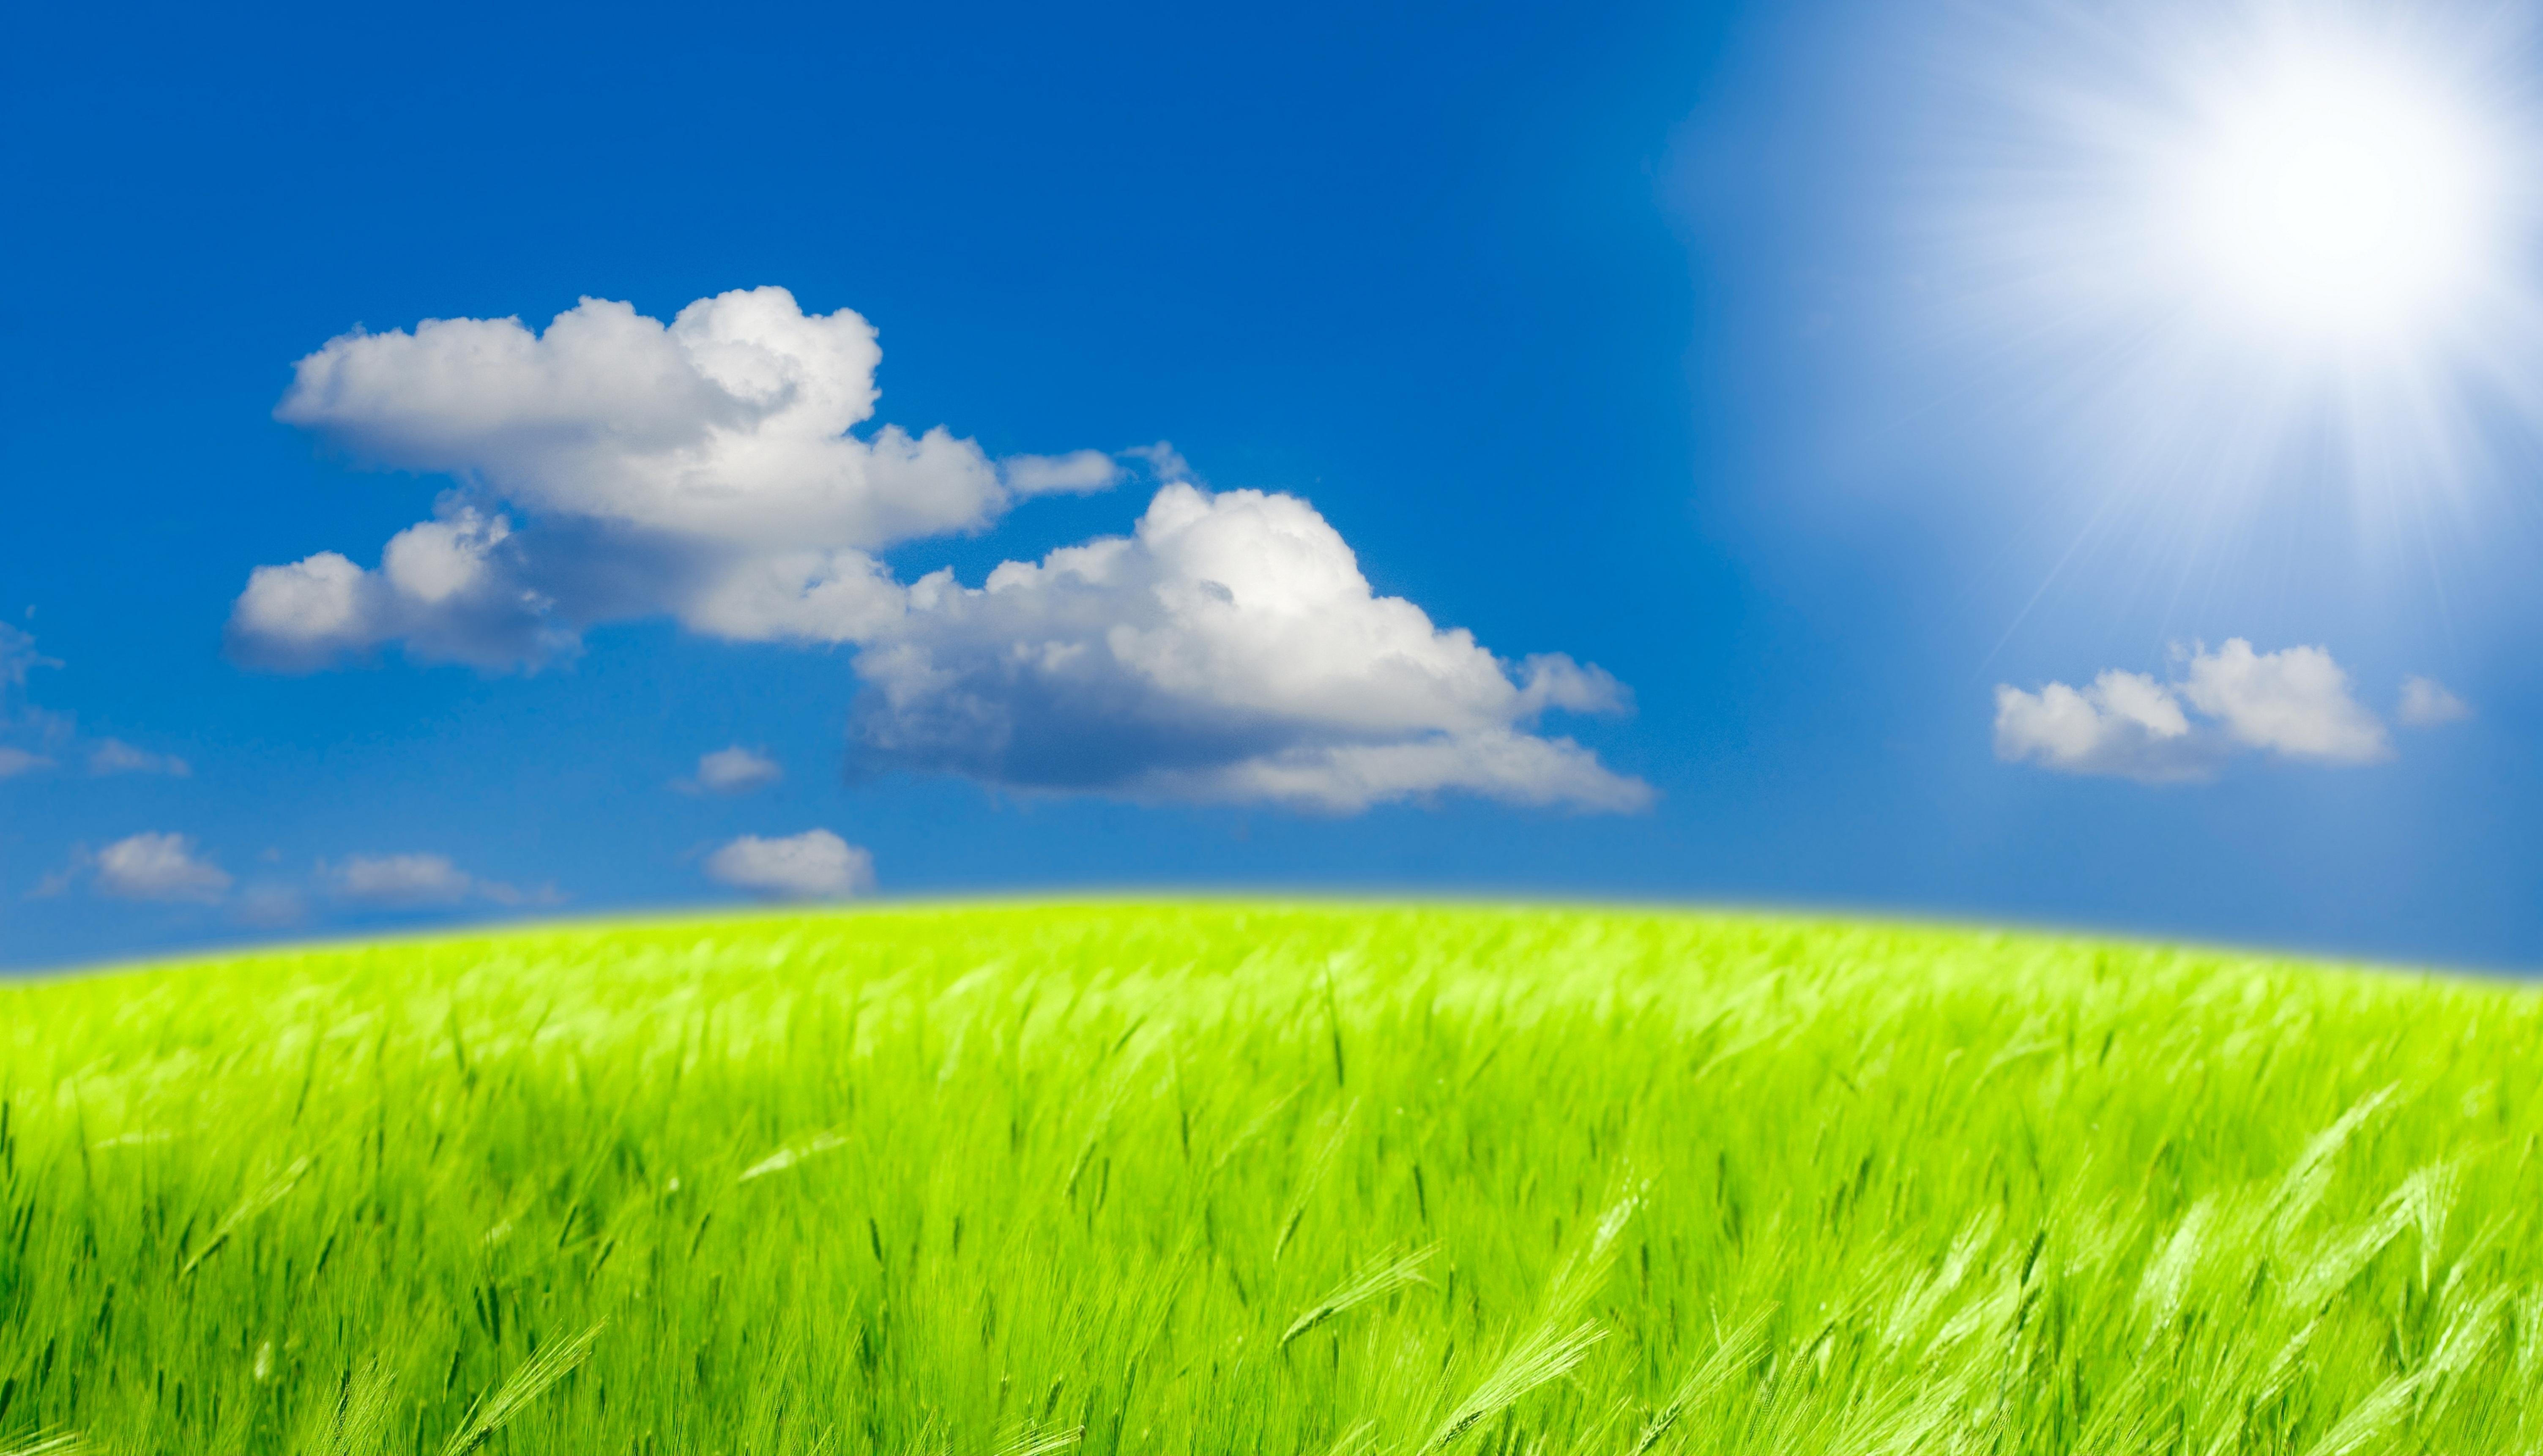 природа небо облака трава горизонт бесплатно